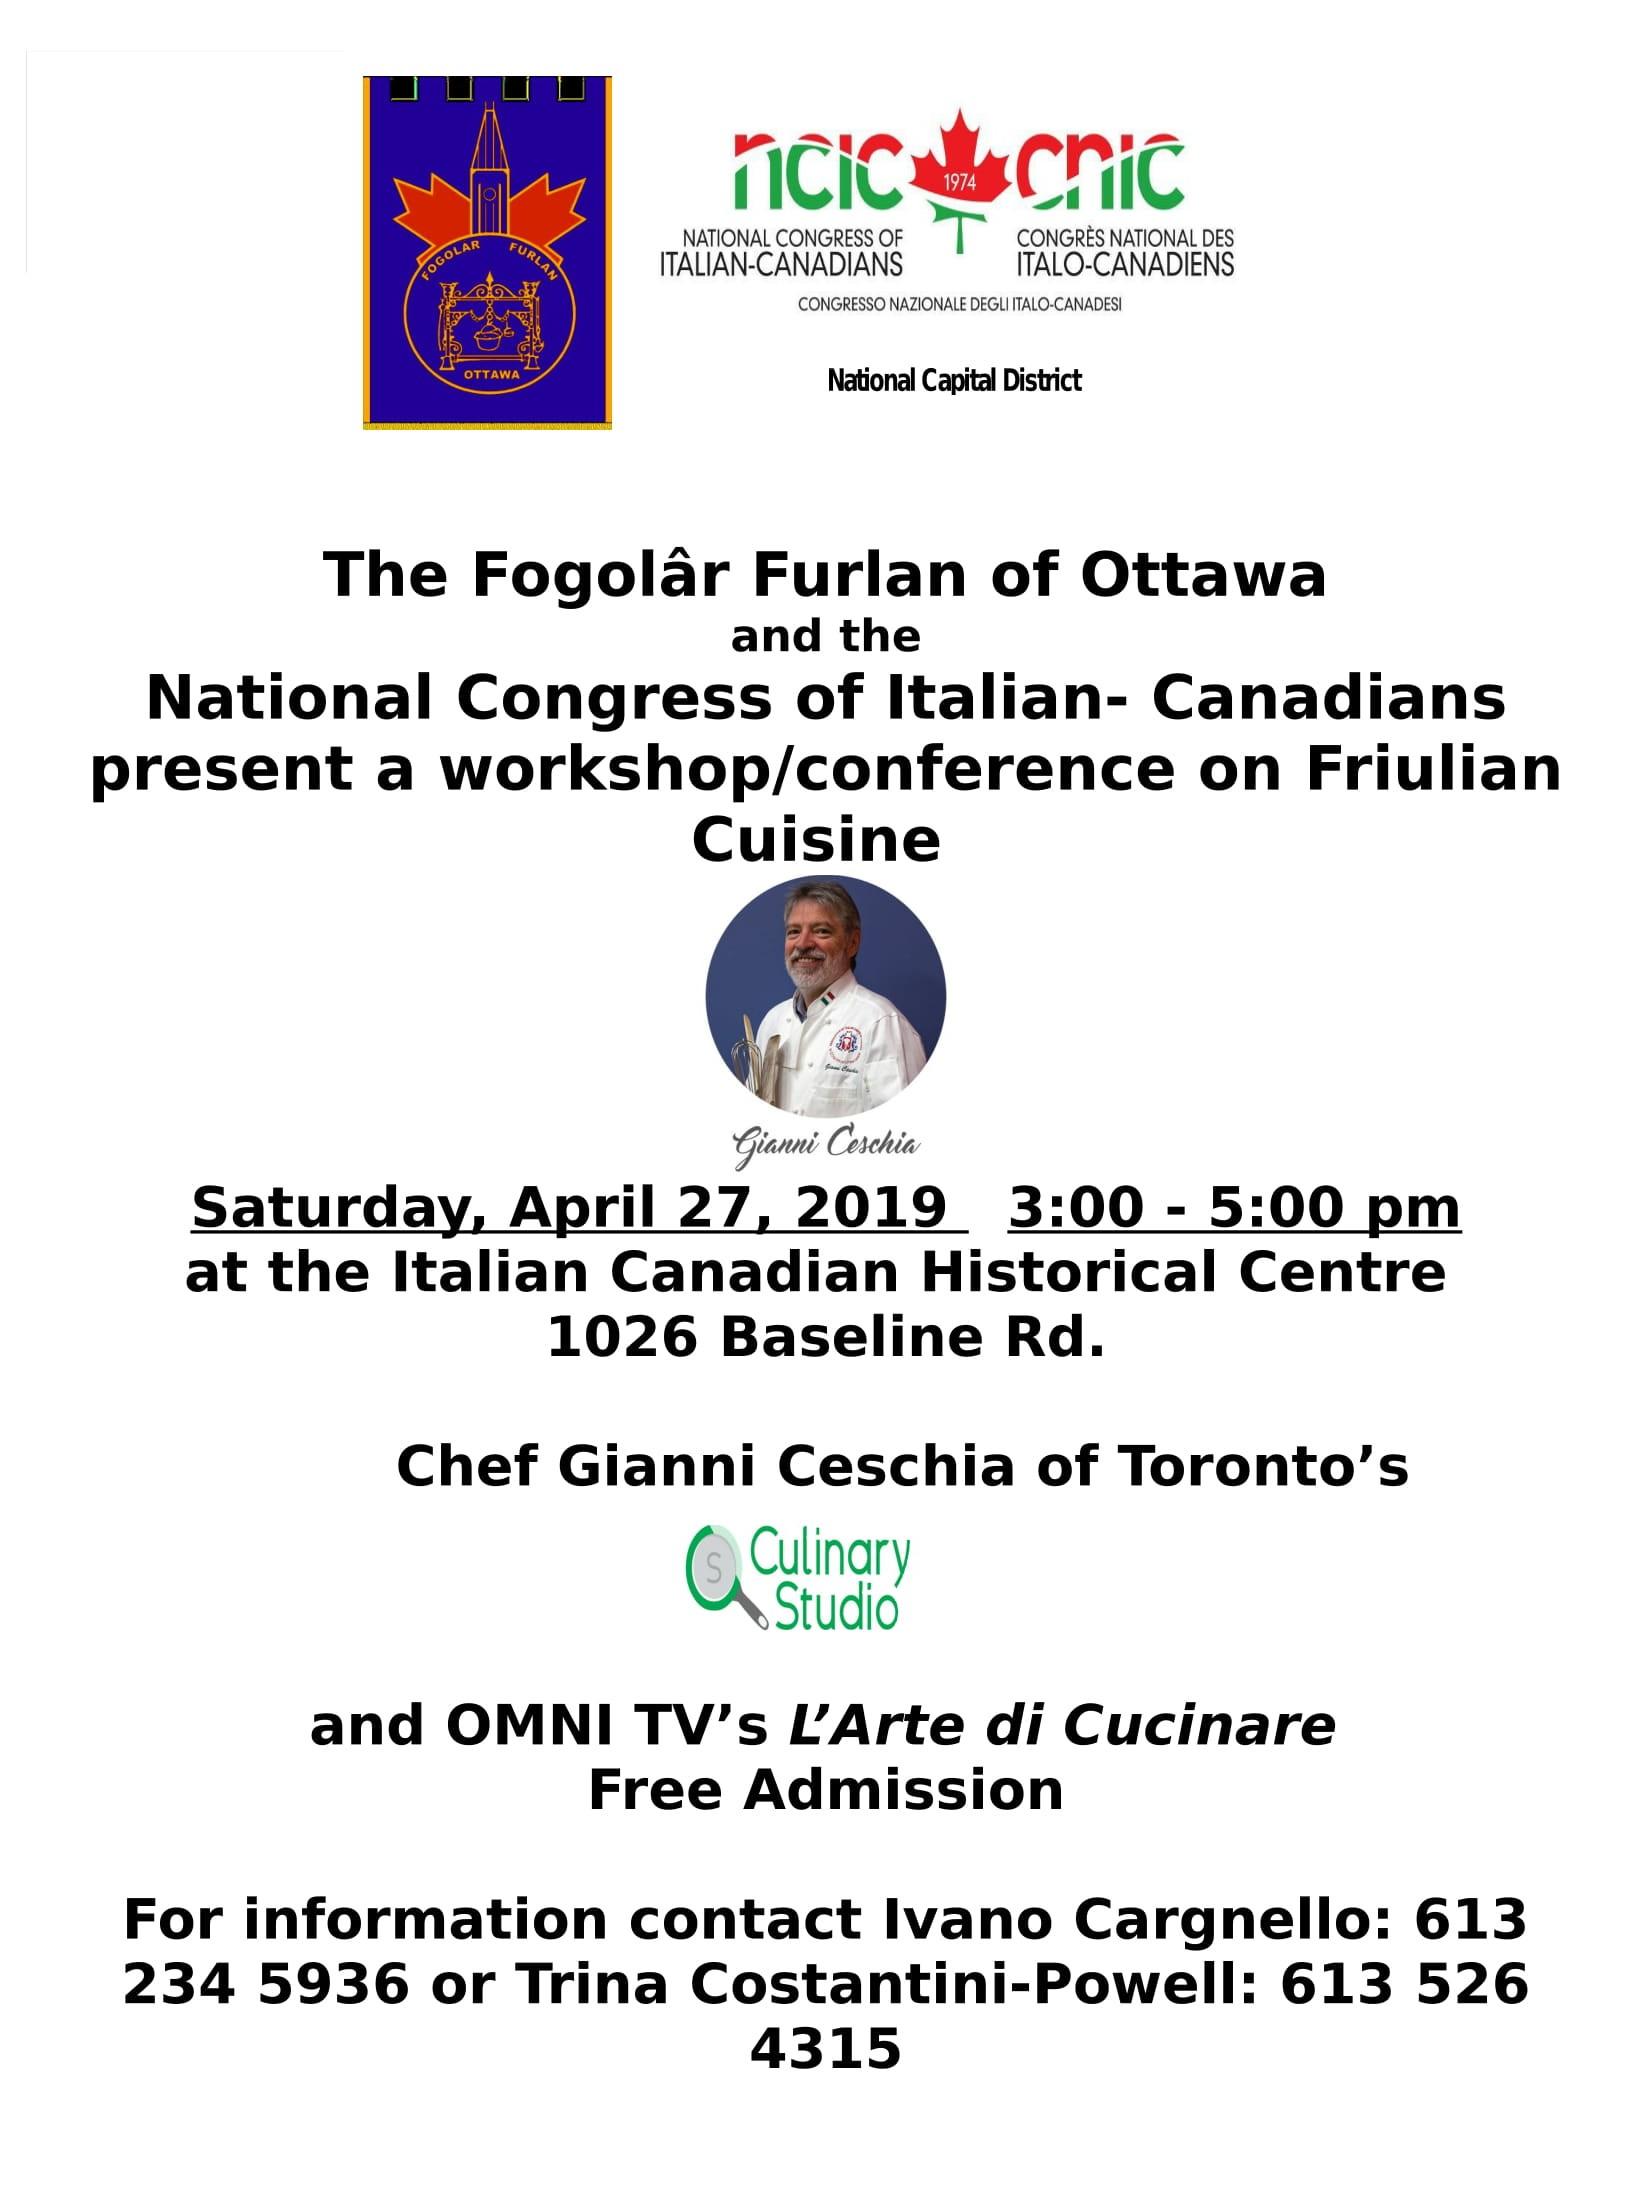 50° anniversario Fogolâr Furlan di Ottawa (Ottawa, sabato 27 aprile 2019, ore 15 – Italian Canadian Historical Centre  1026 Baseline Rd)